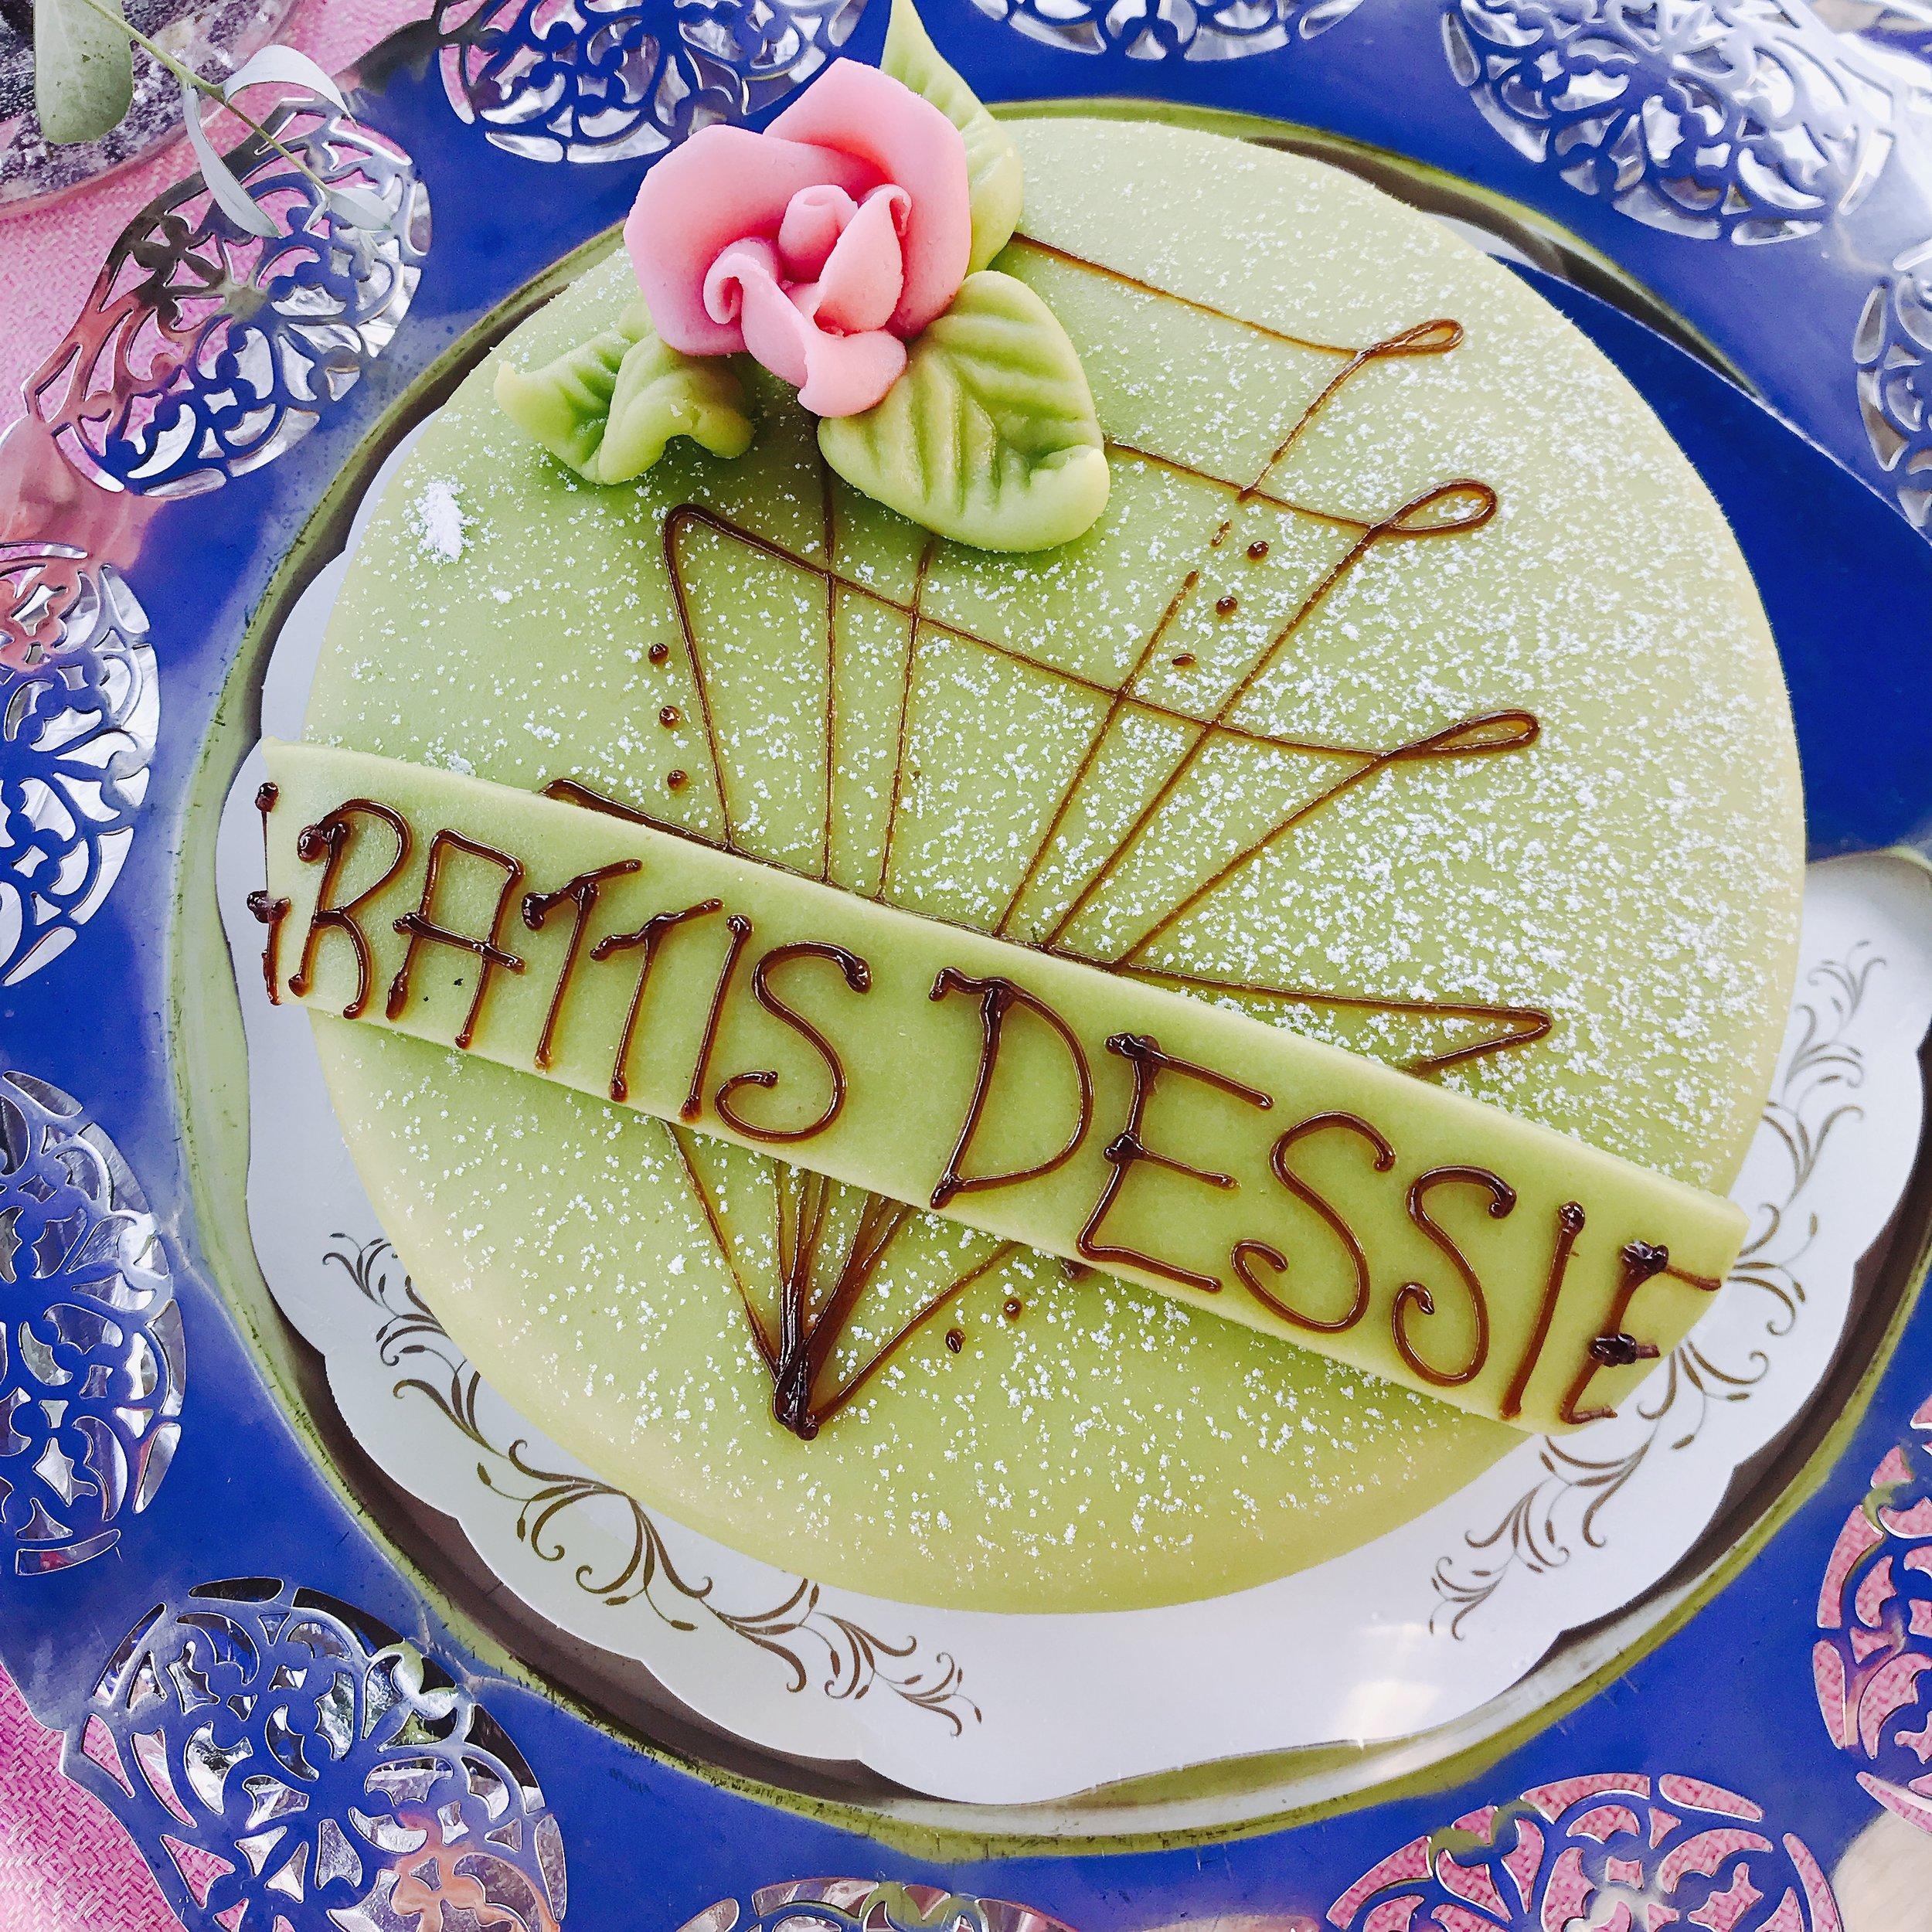 Självklart får min födelsedagstårta vara med i bloggen...